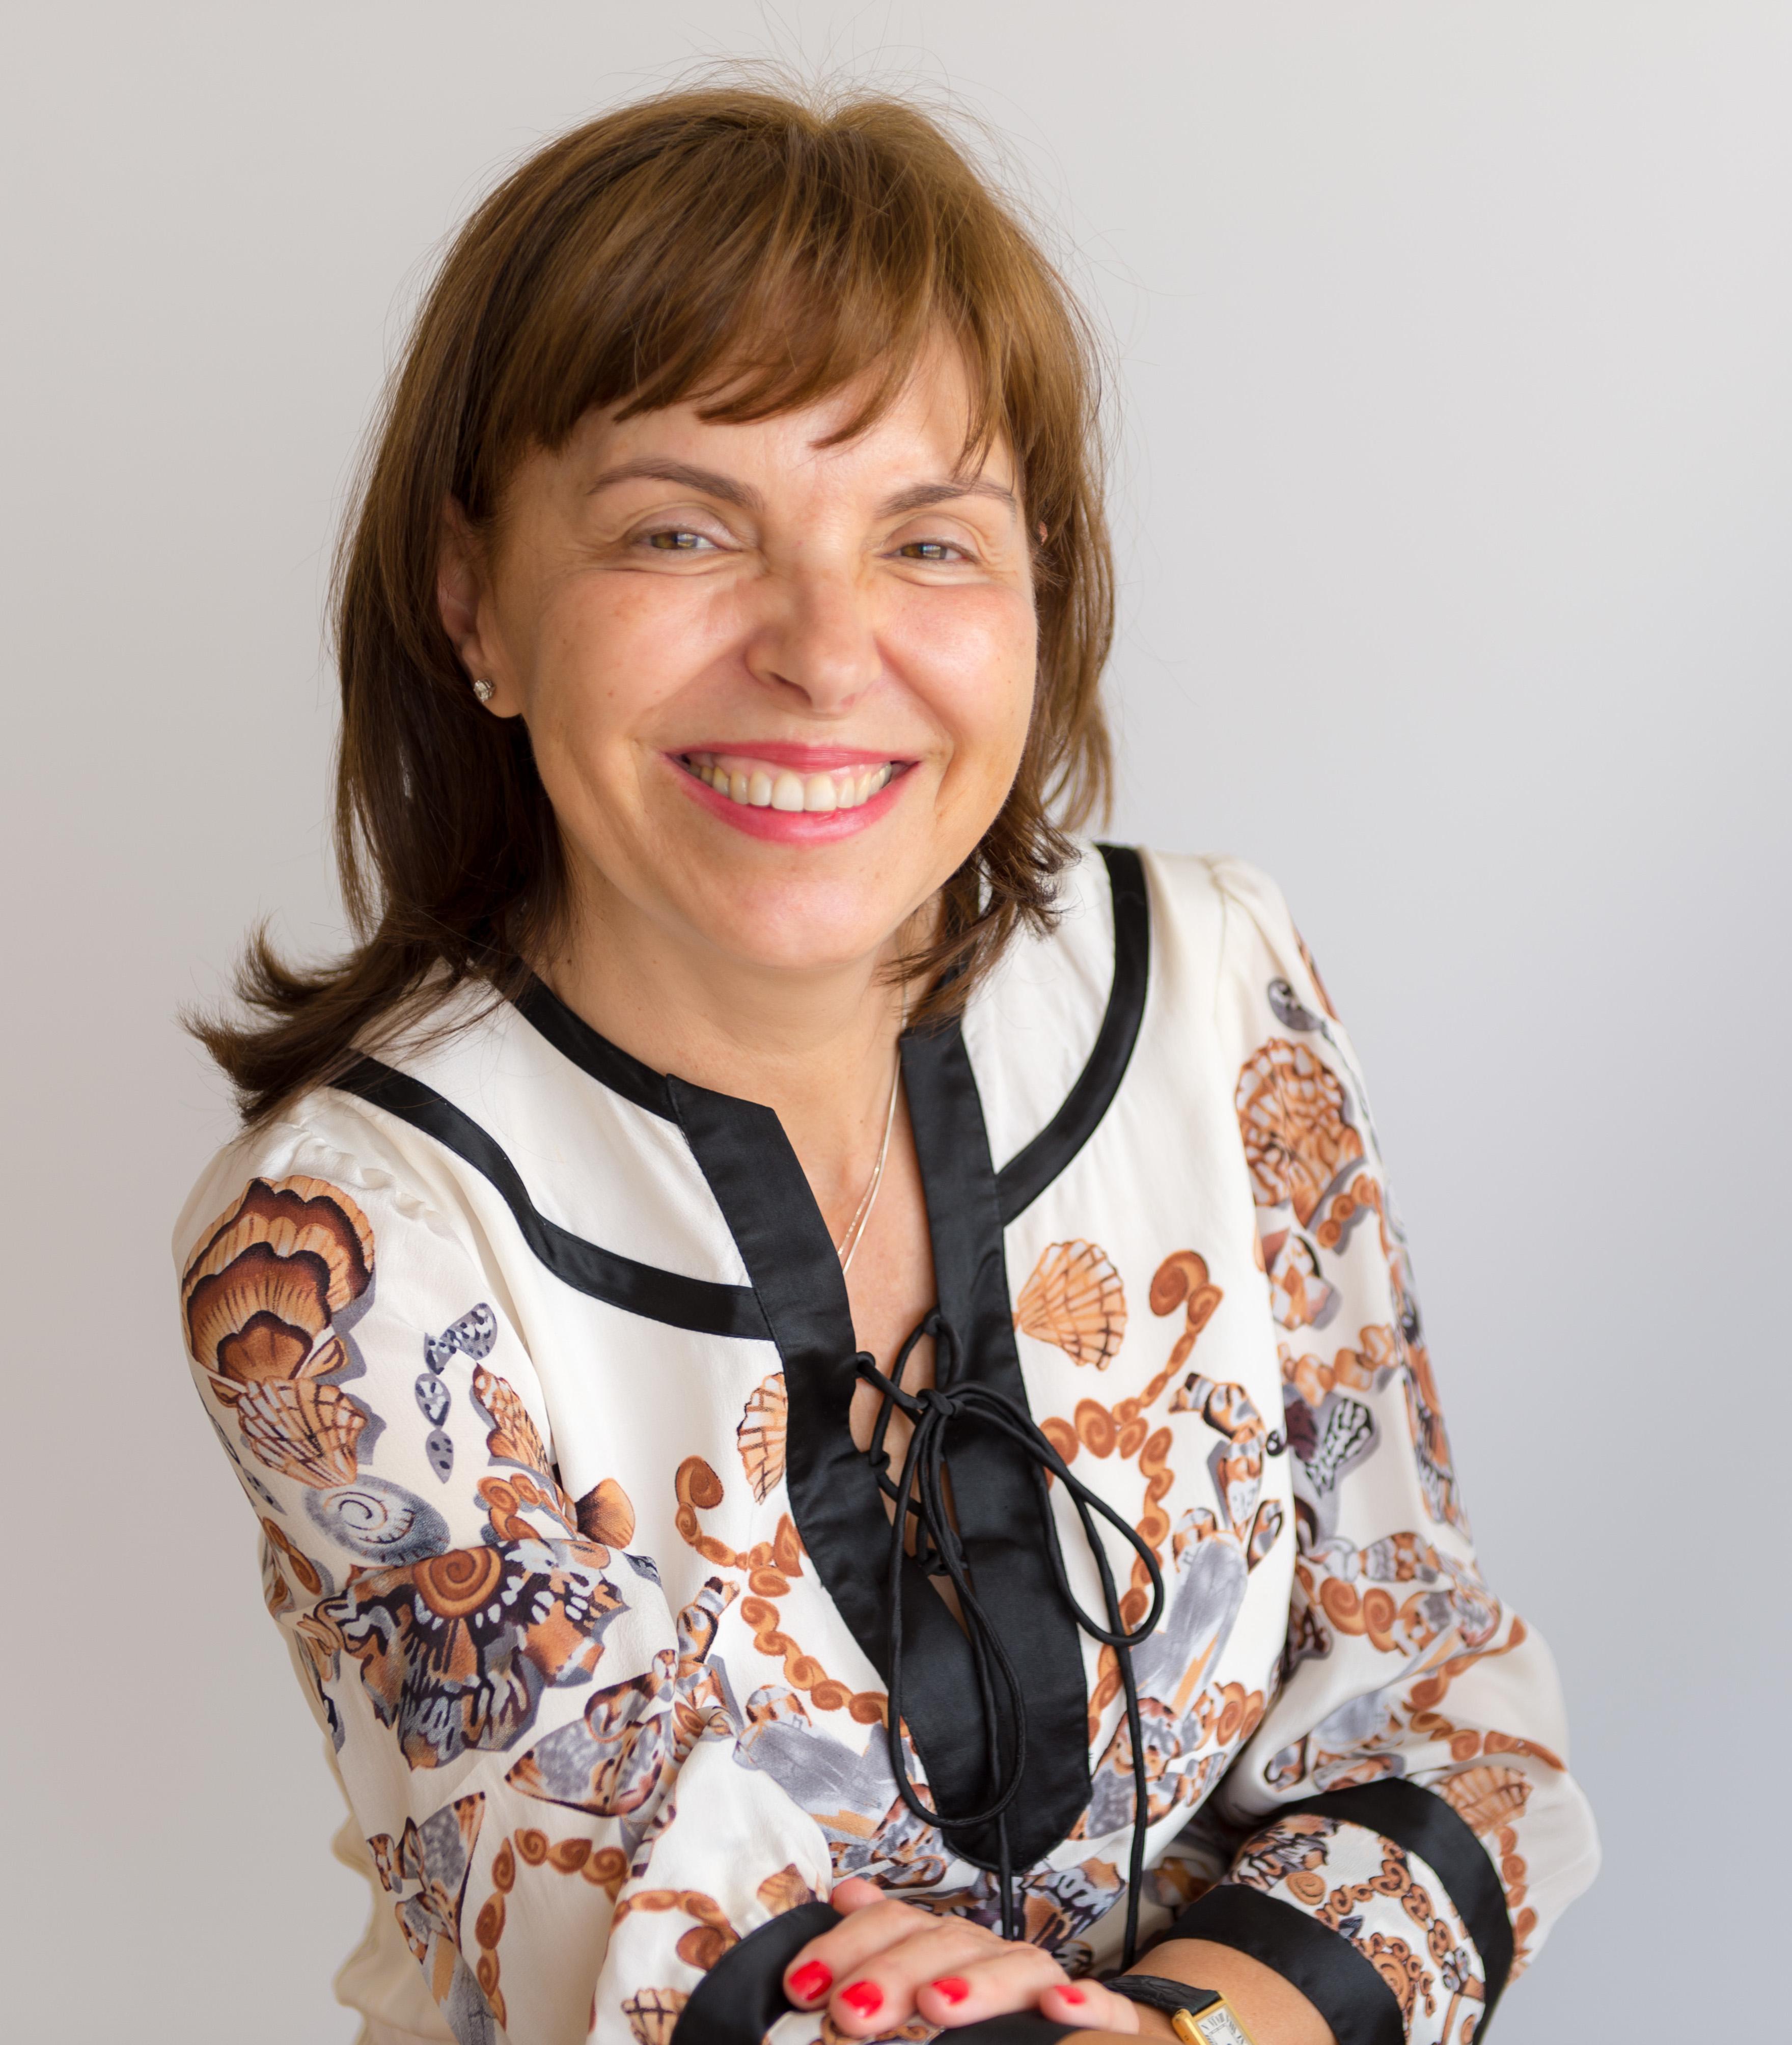 Anca Costache